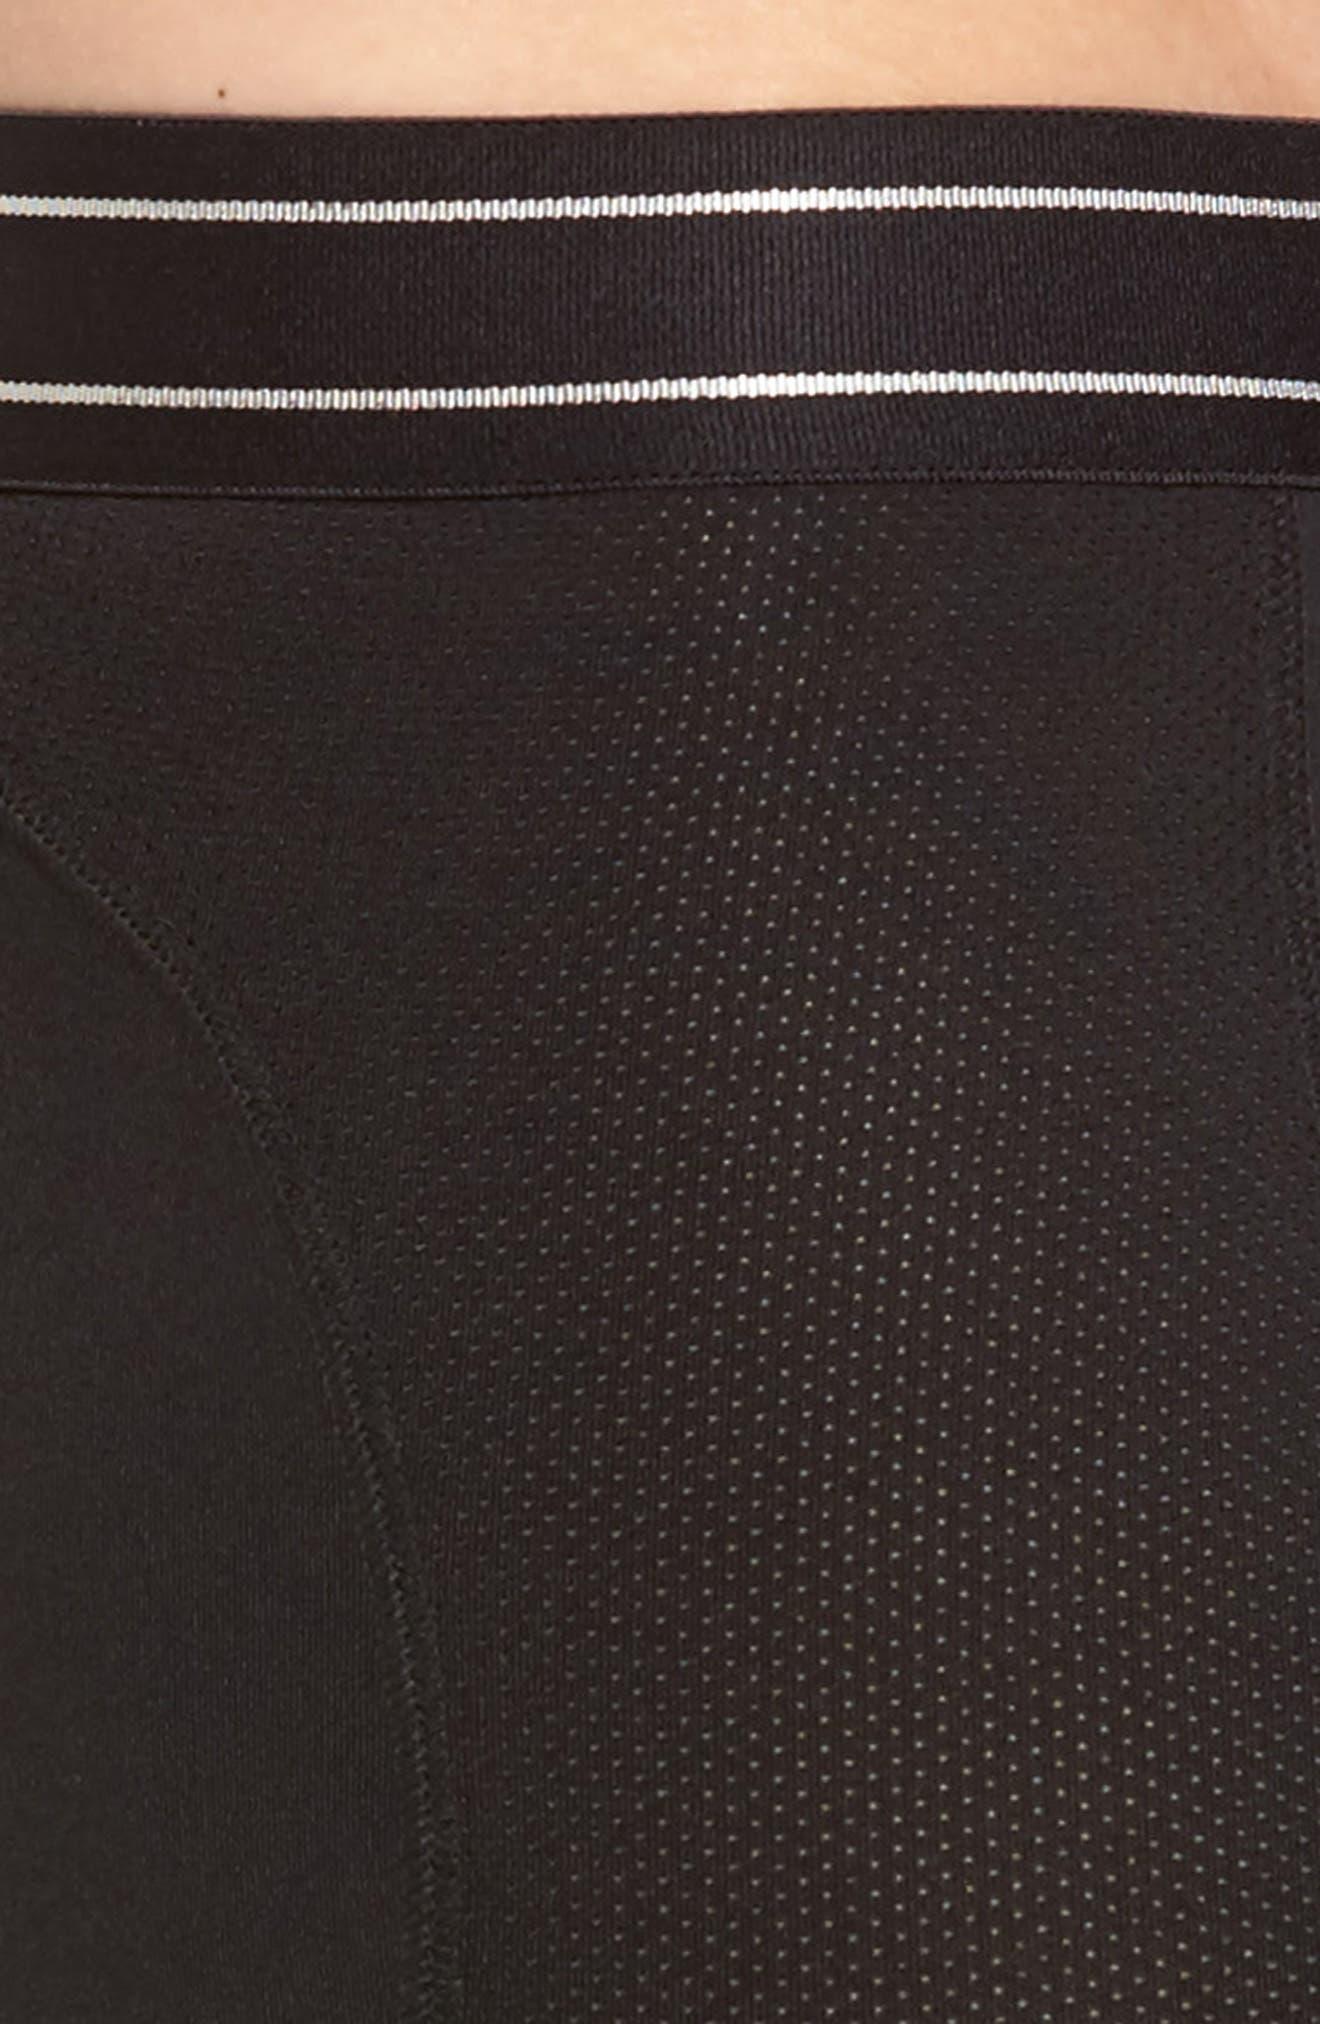 Tech-Smart Long Leg Boxer Briefs,                             Alternate thumbnail 4, color,                             Black